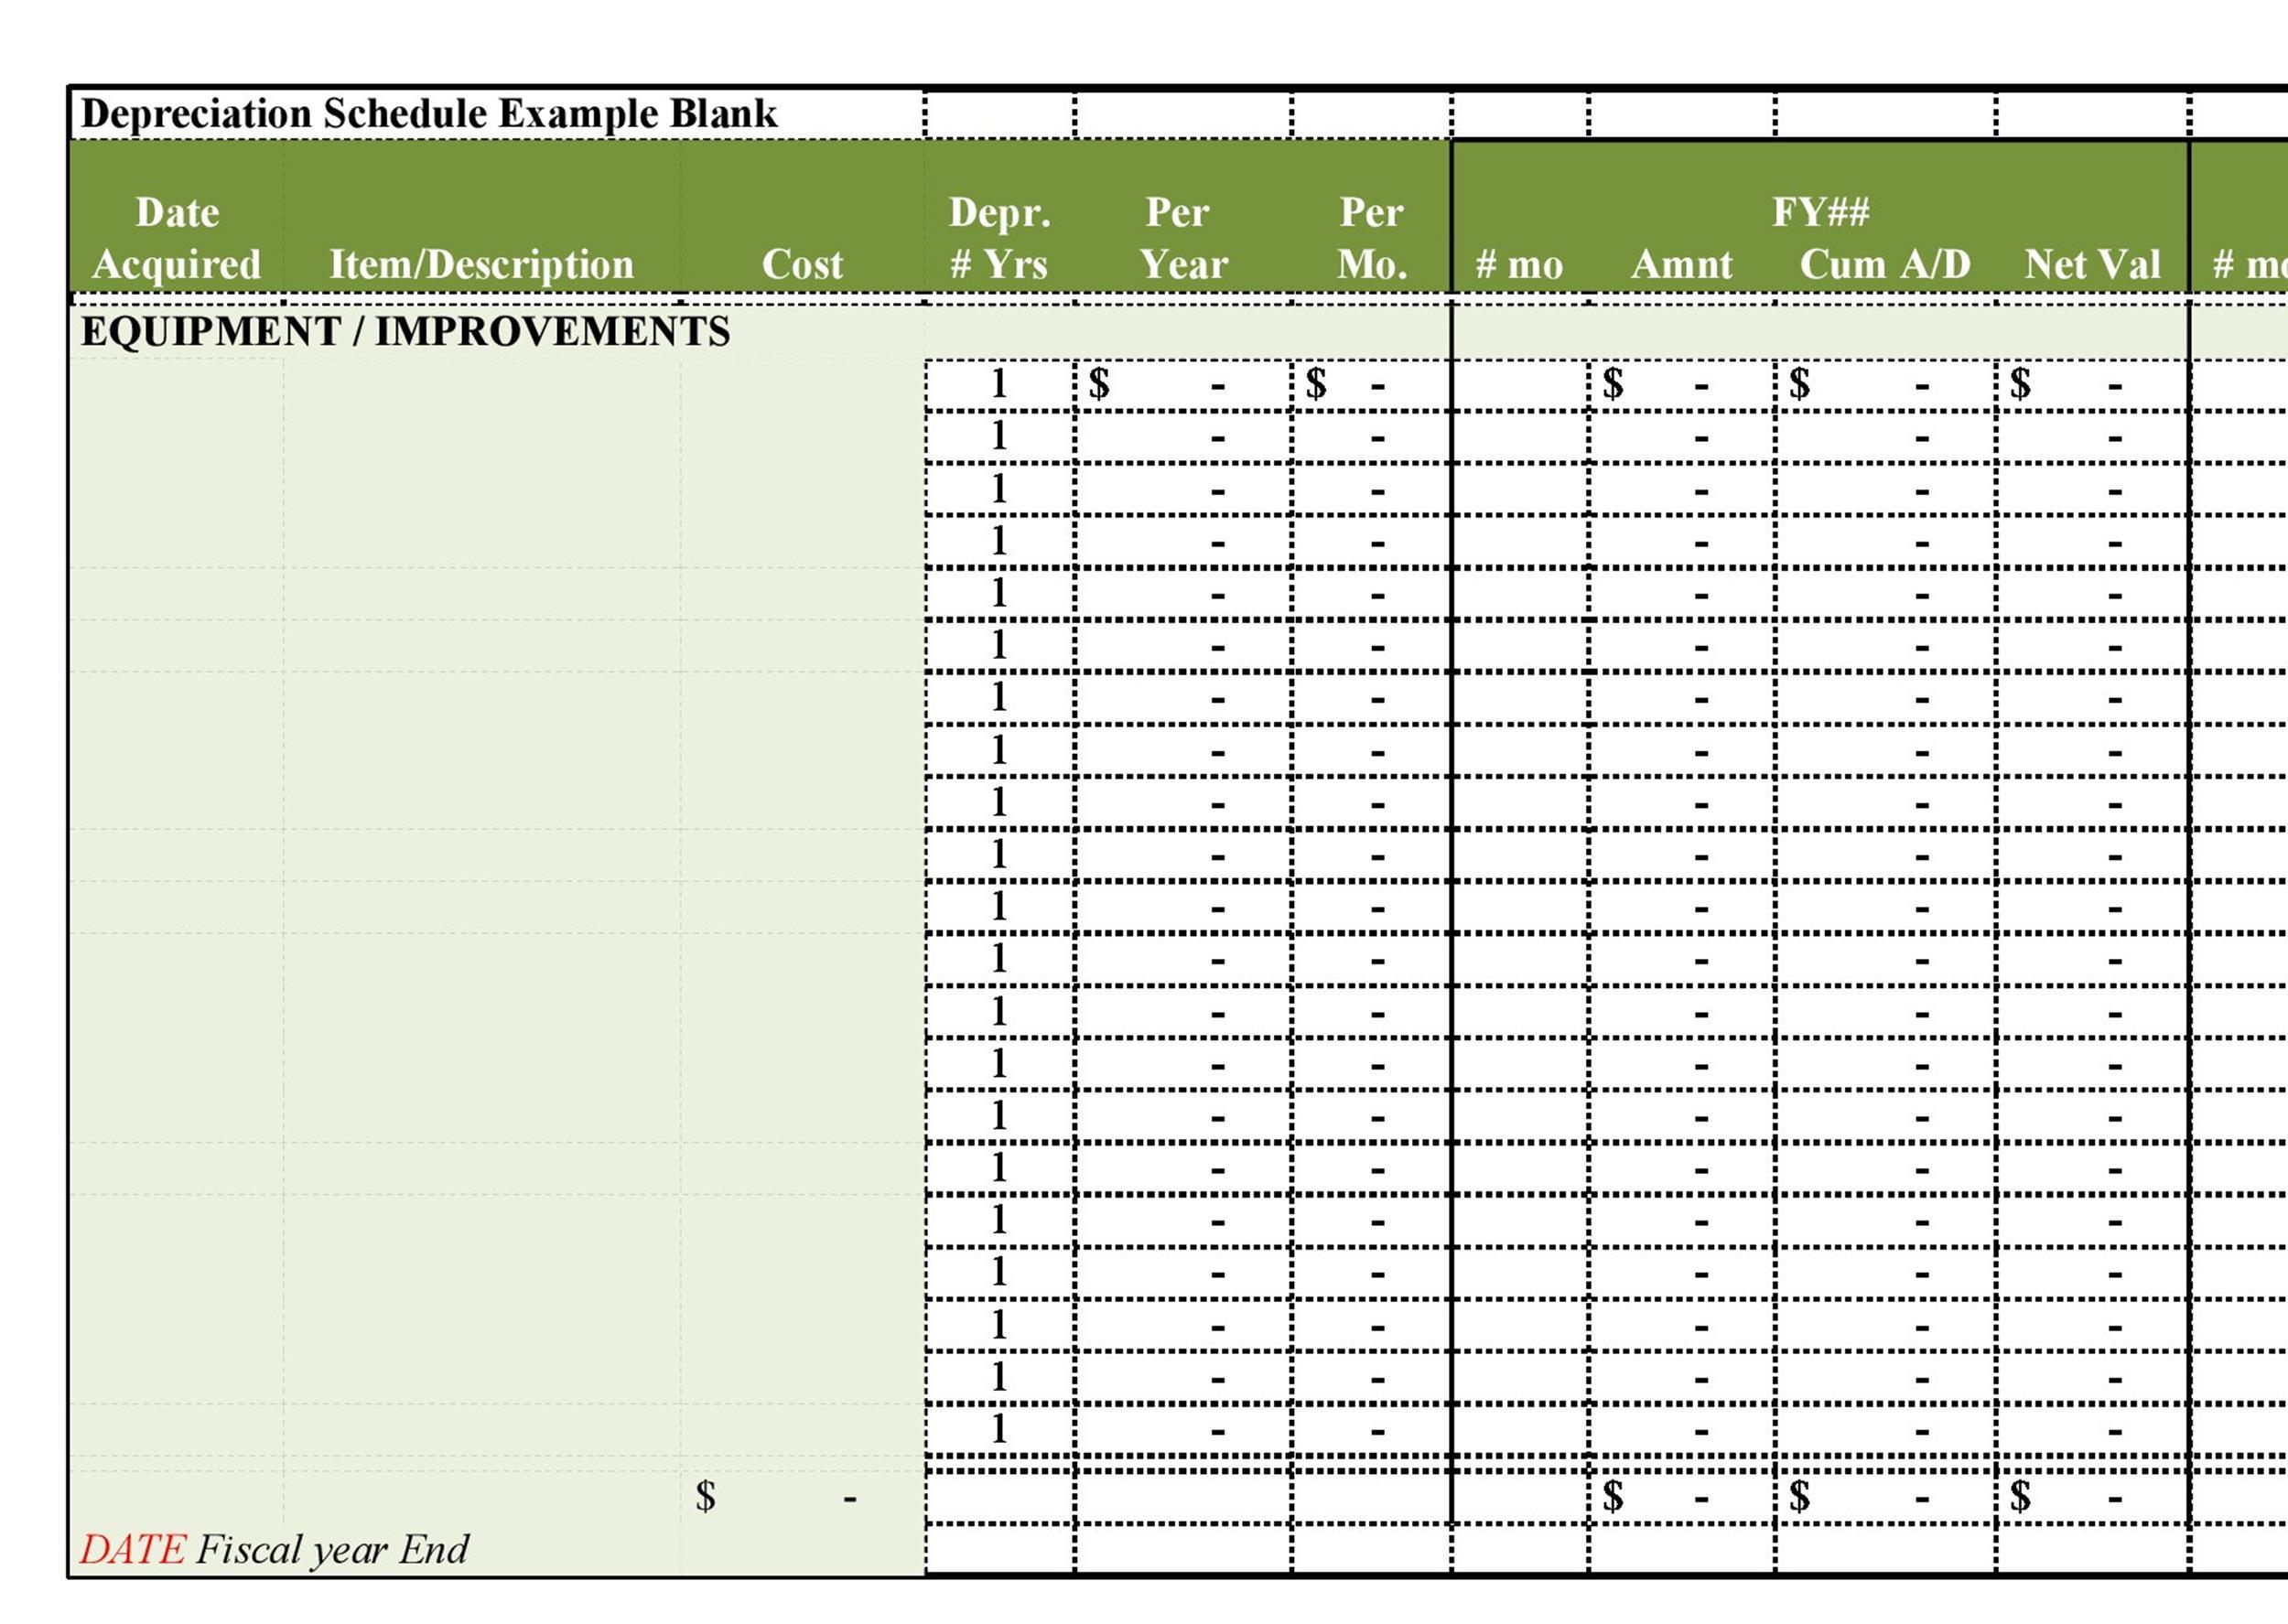 Free depreciation schedule template 21